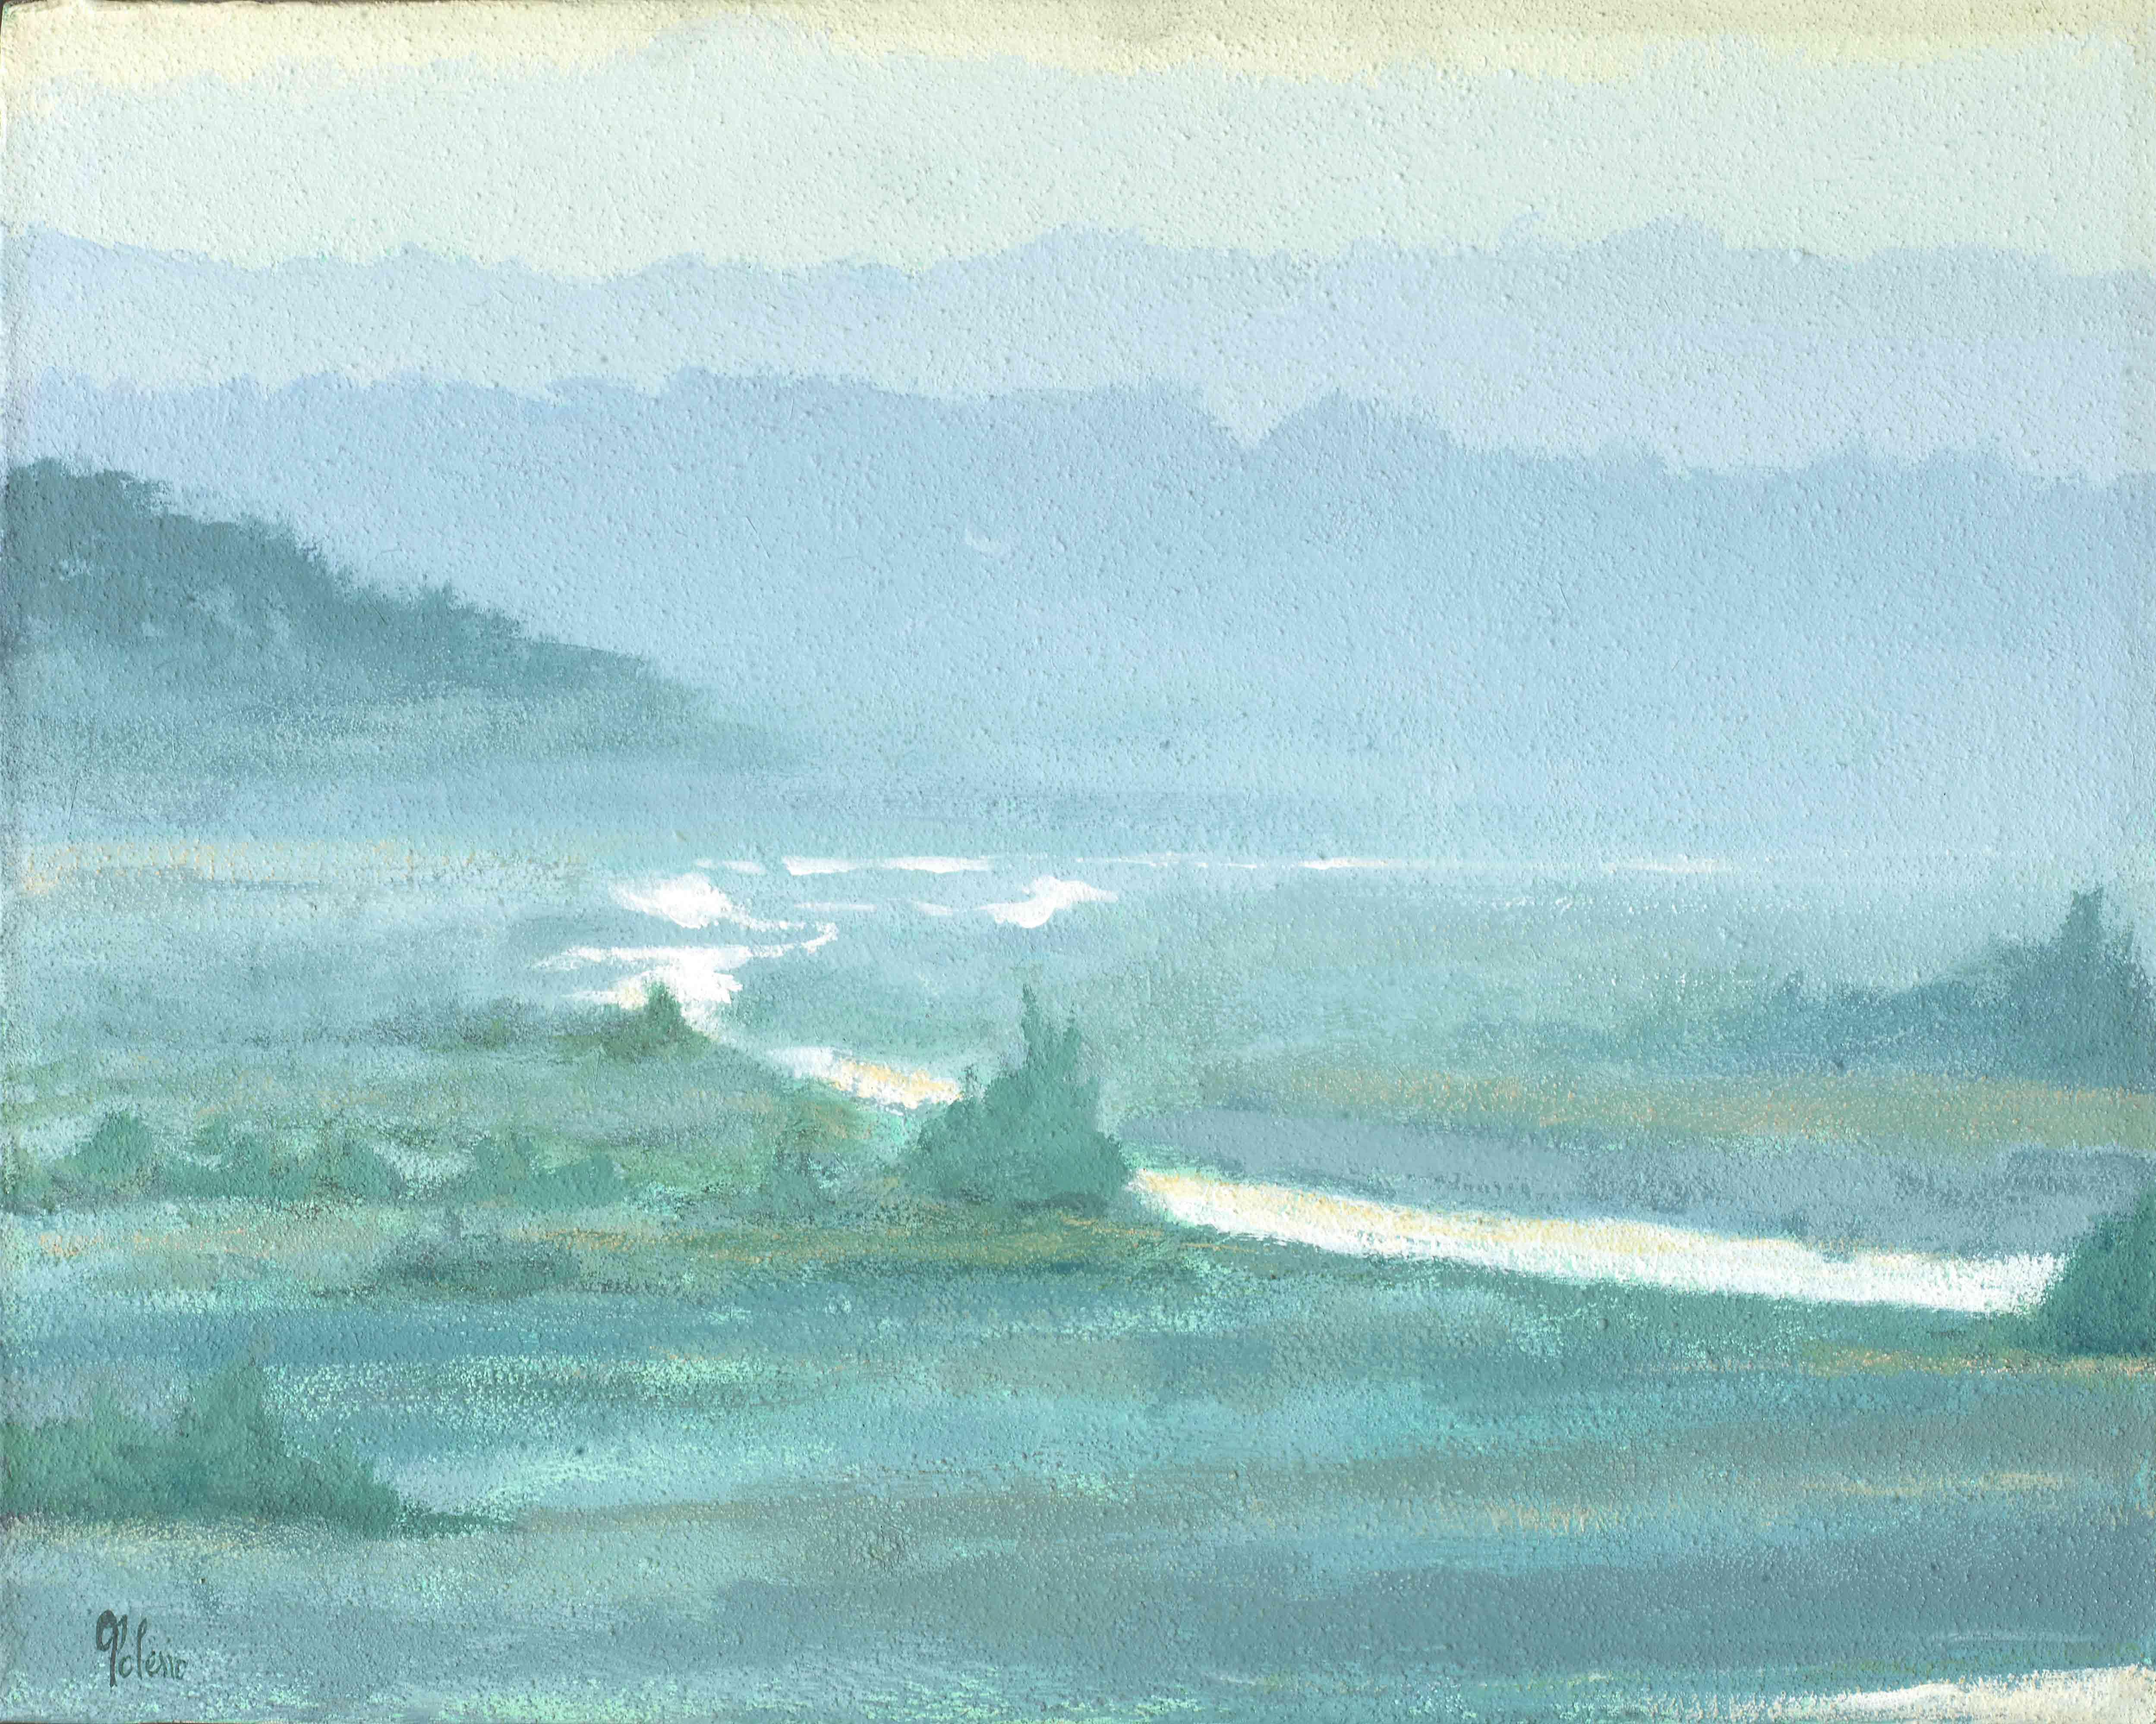 quadro paesaggio, opera d'arte del maestro polesso fulvio pittore chiarista milano italia